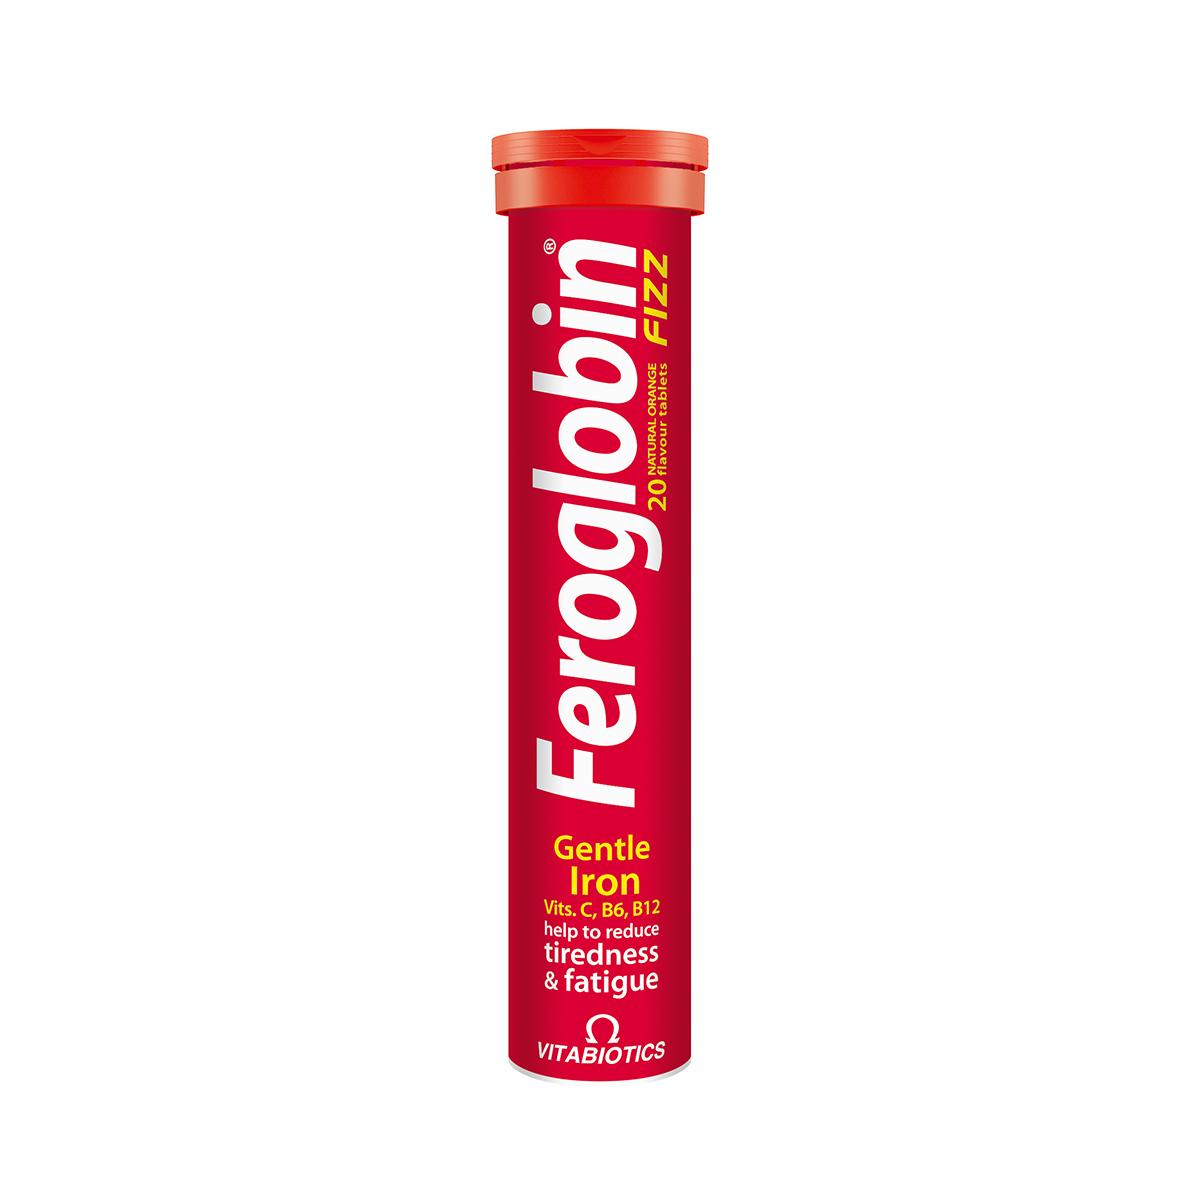 Feroglobin Fizz, 20 comprimate efervescente, Vitabiotics drmax.ro